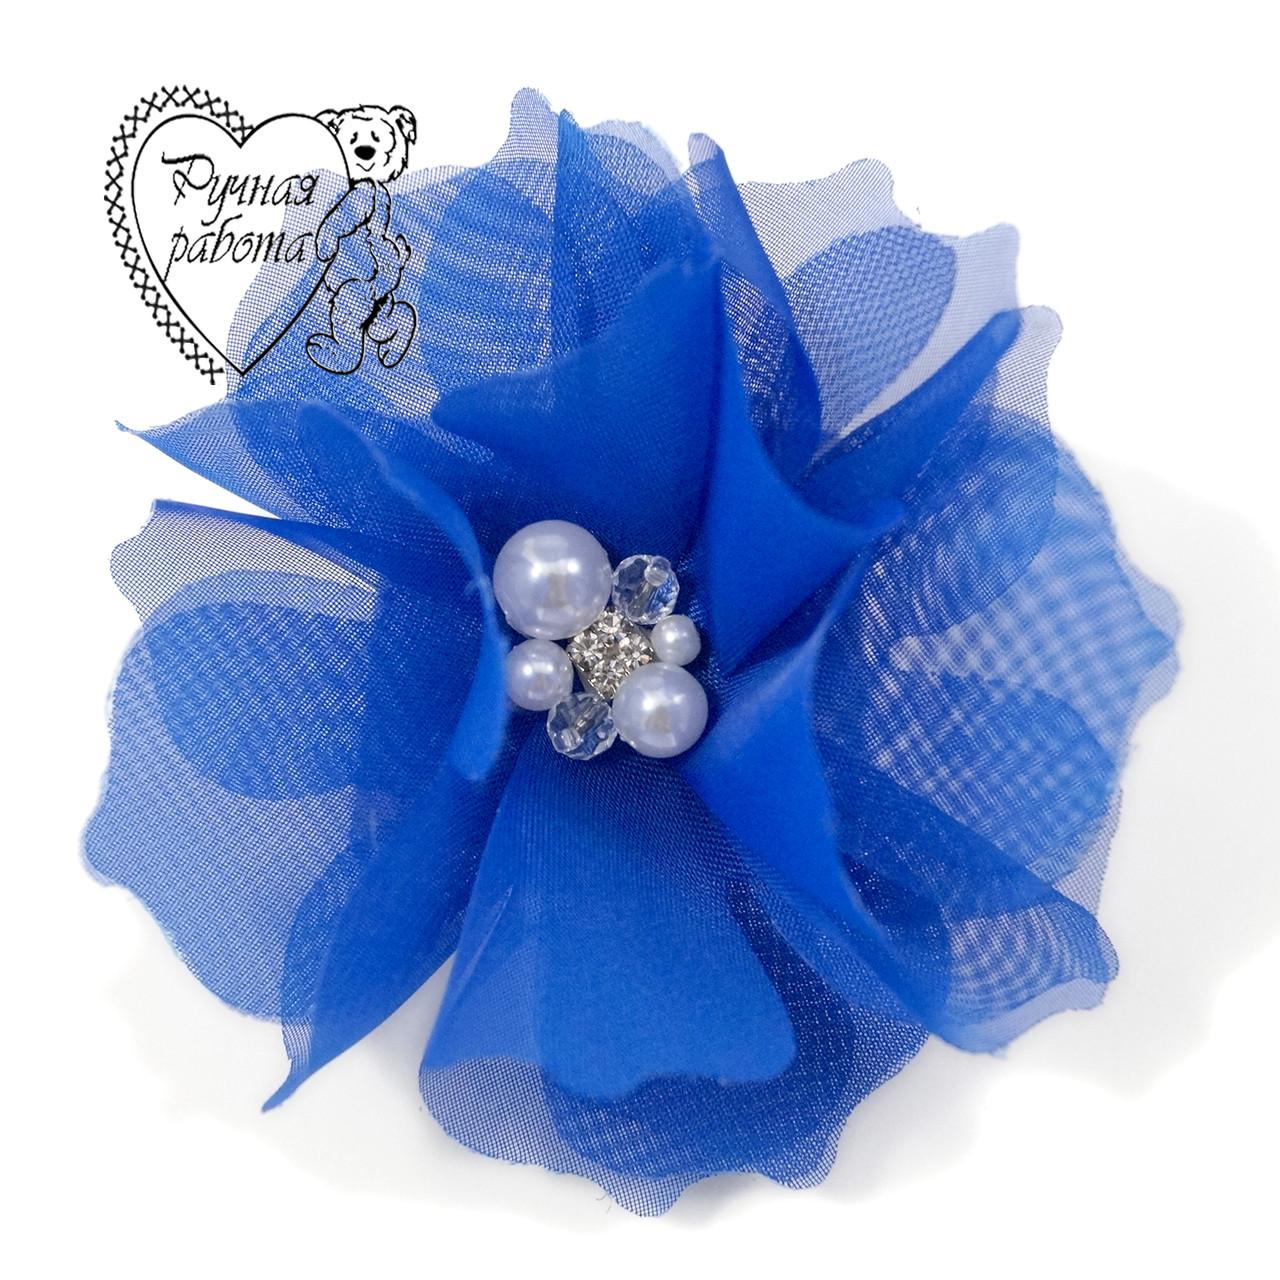 Резинка Шифоновый цветок с бусинами, синий электрик, ручная работа, 10 см, под заказ любой цвет